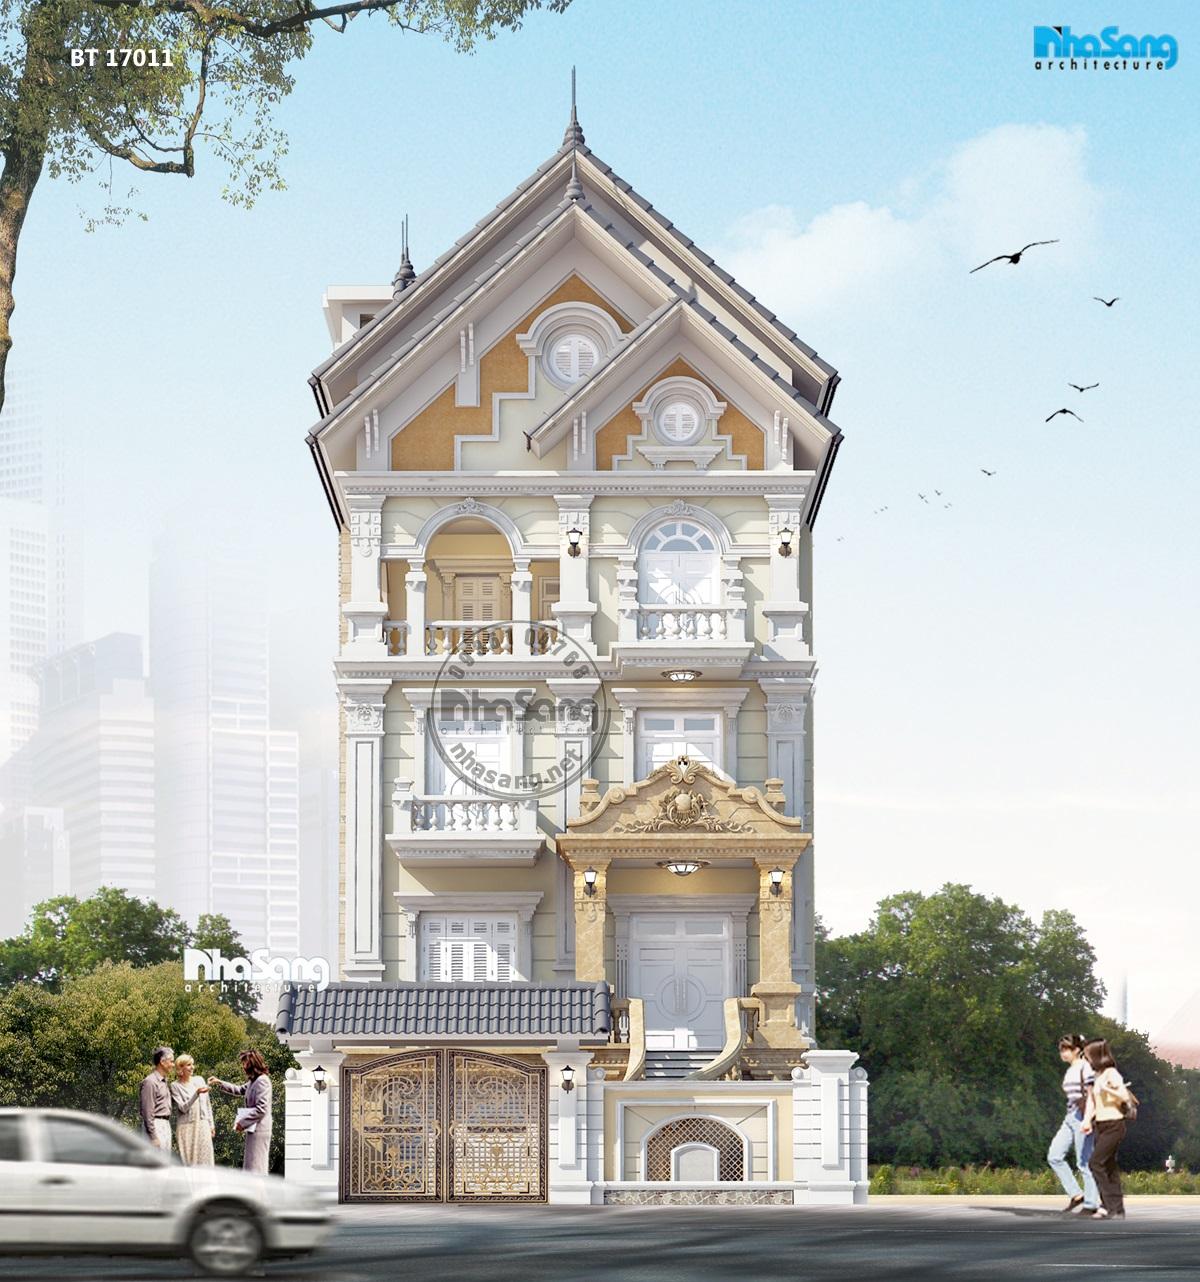 http://nhasang.net/biet-thu-dep-mat-tien-10m-kieu-phap-tan-co-dien-bt17011-p.html